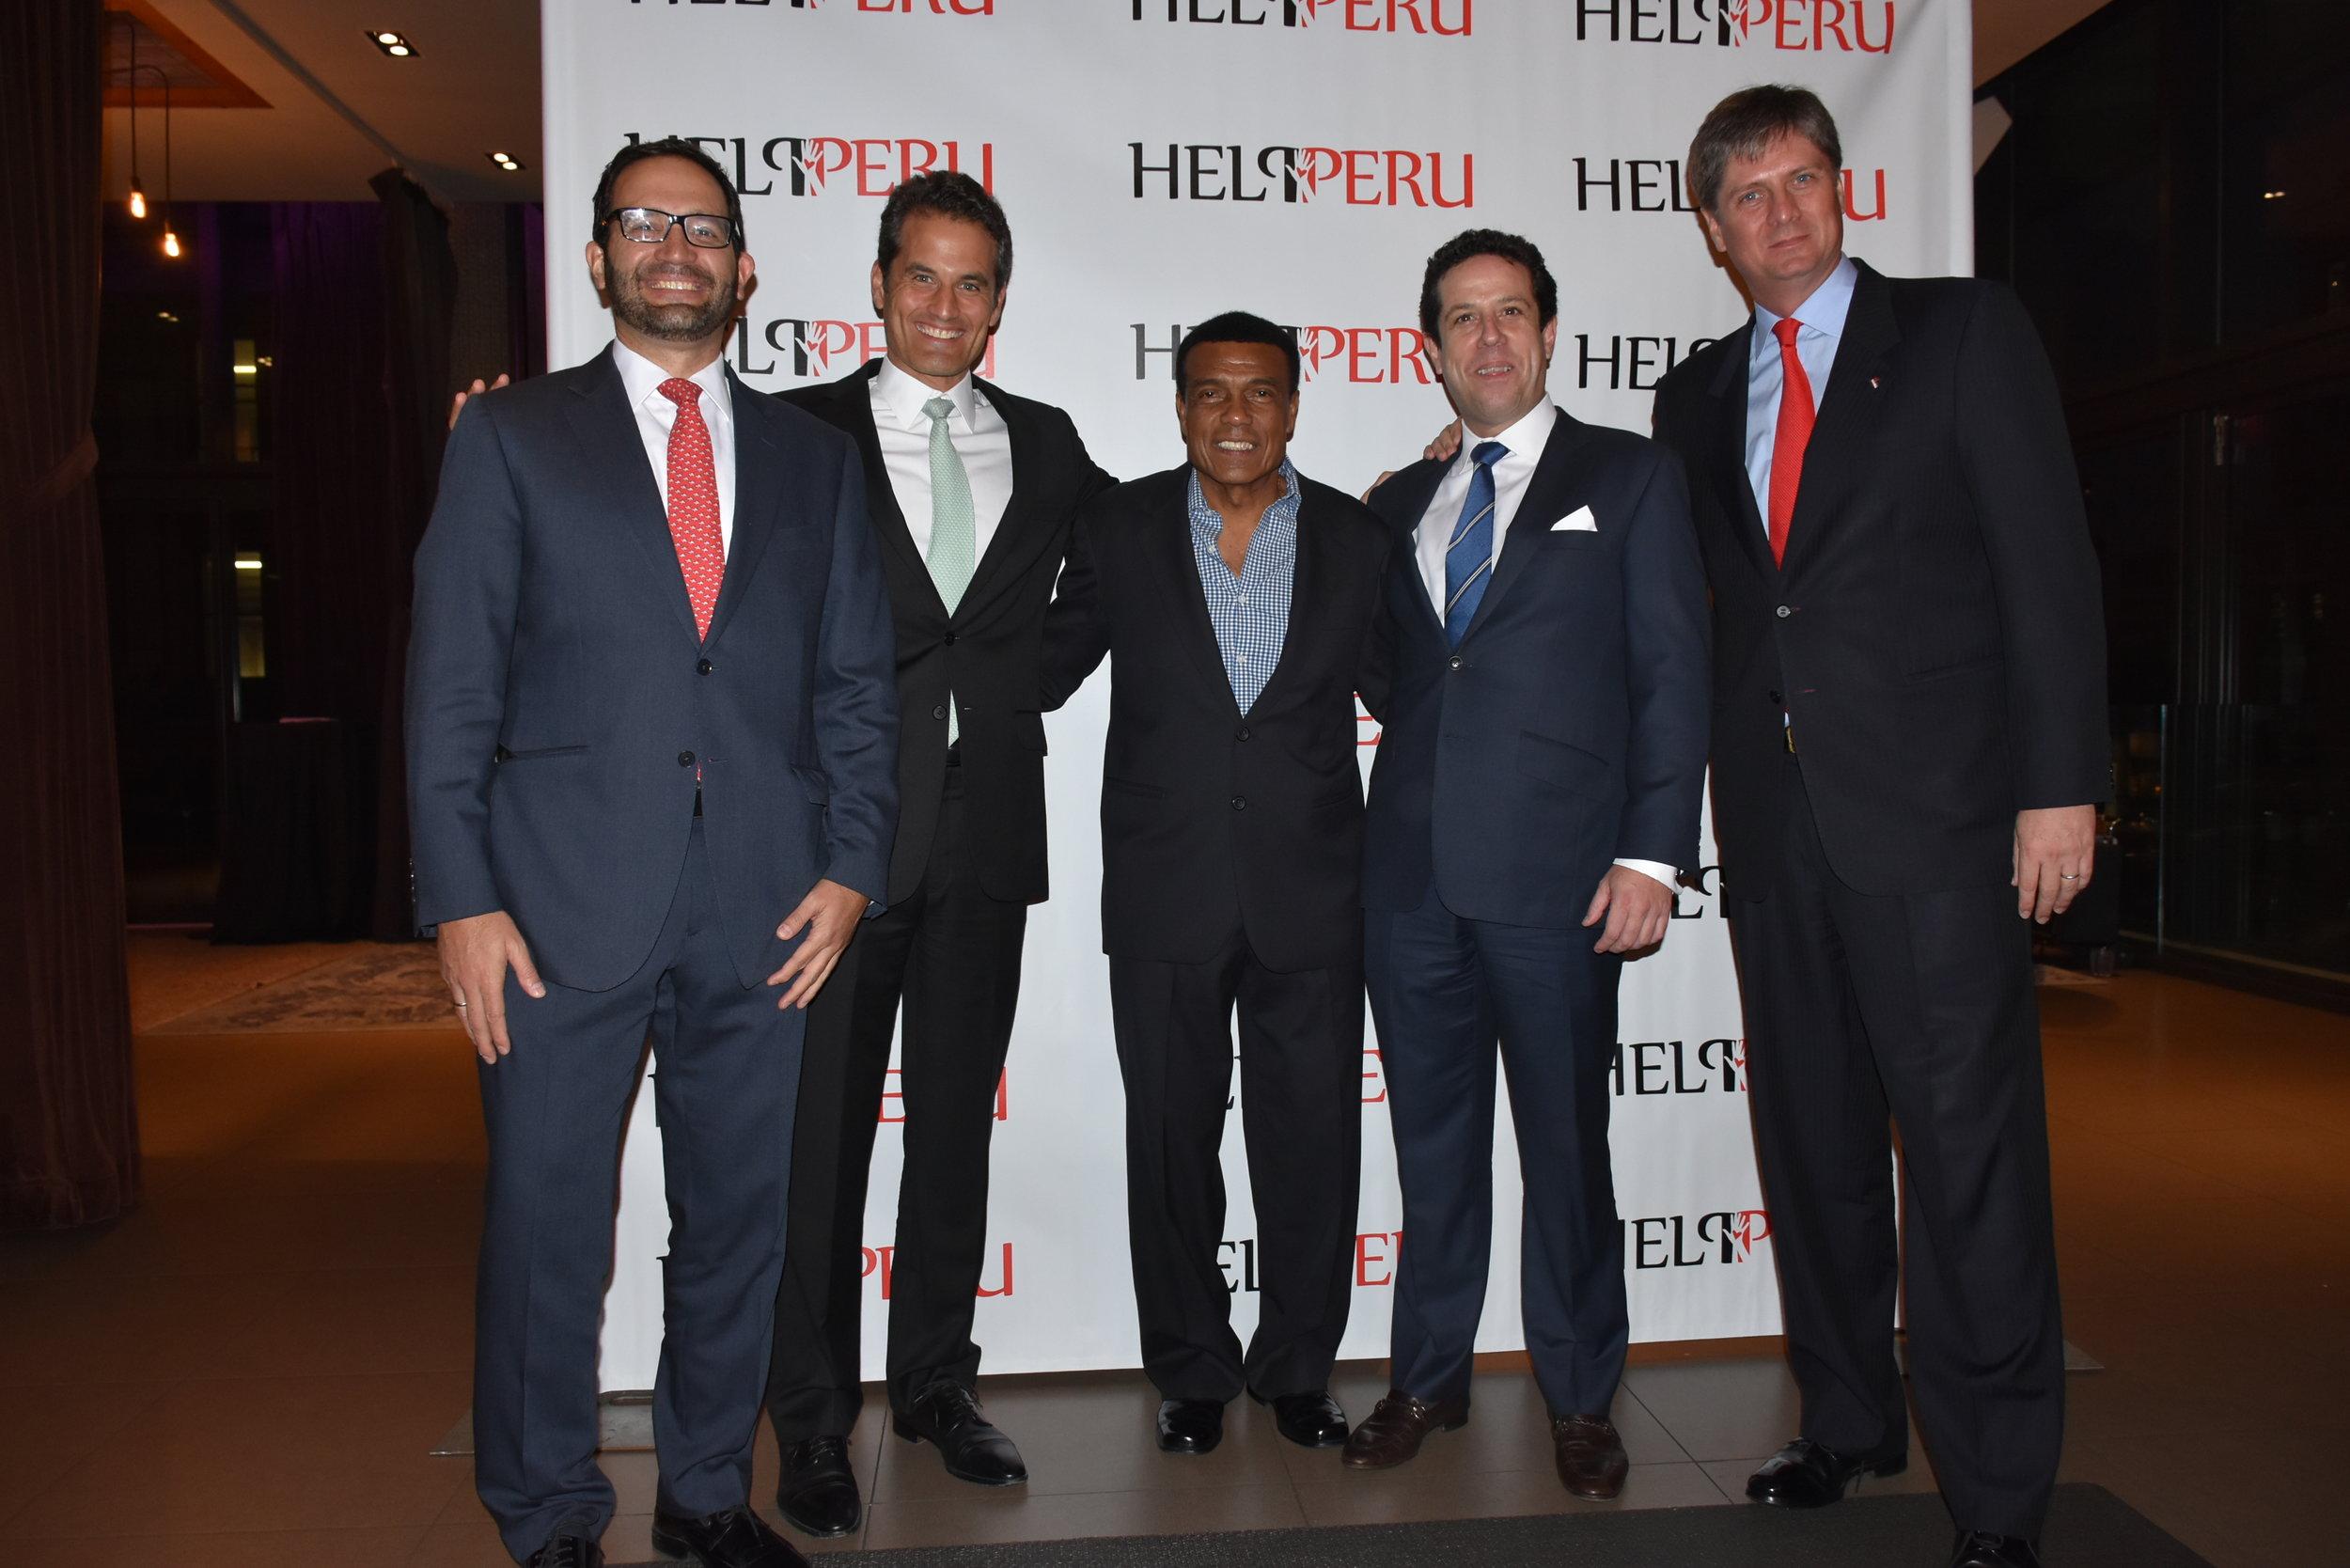 DSC_4627 -Fernando Bravo, Virgilio de la Piedra, Teofilo Cubillas, Alfonso Barros y Michael Holme.JPG